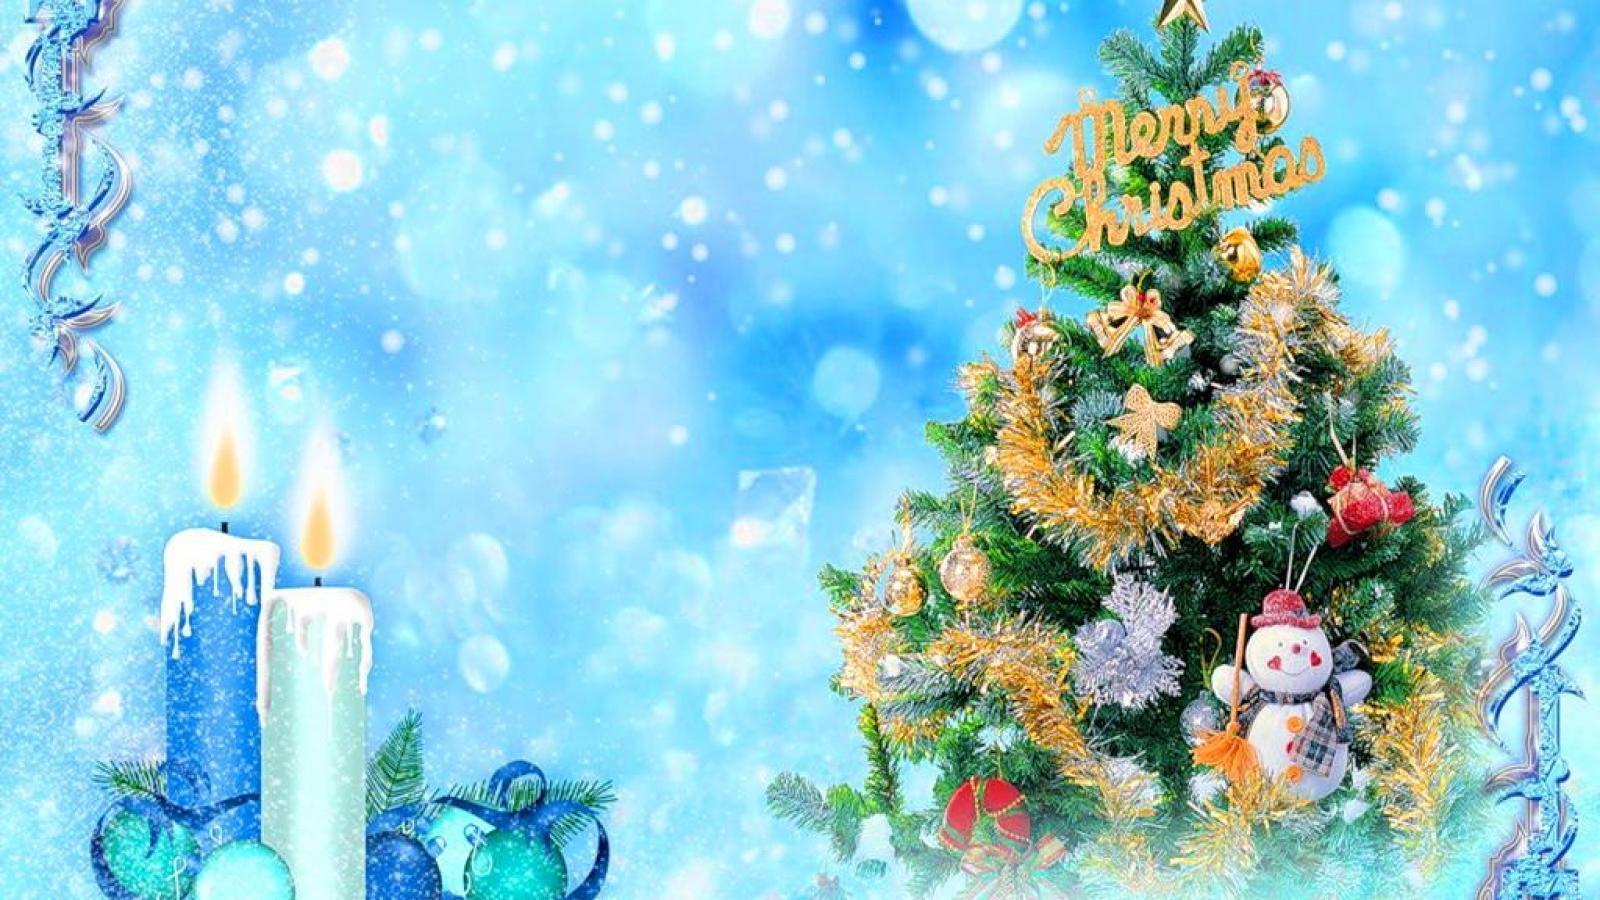 компанией открытки с новым годом и рождеством шаблоны суммируются